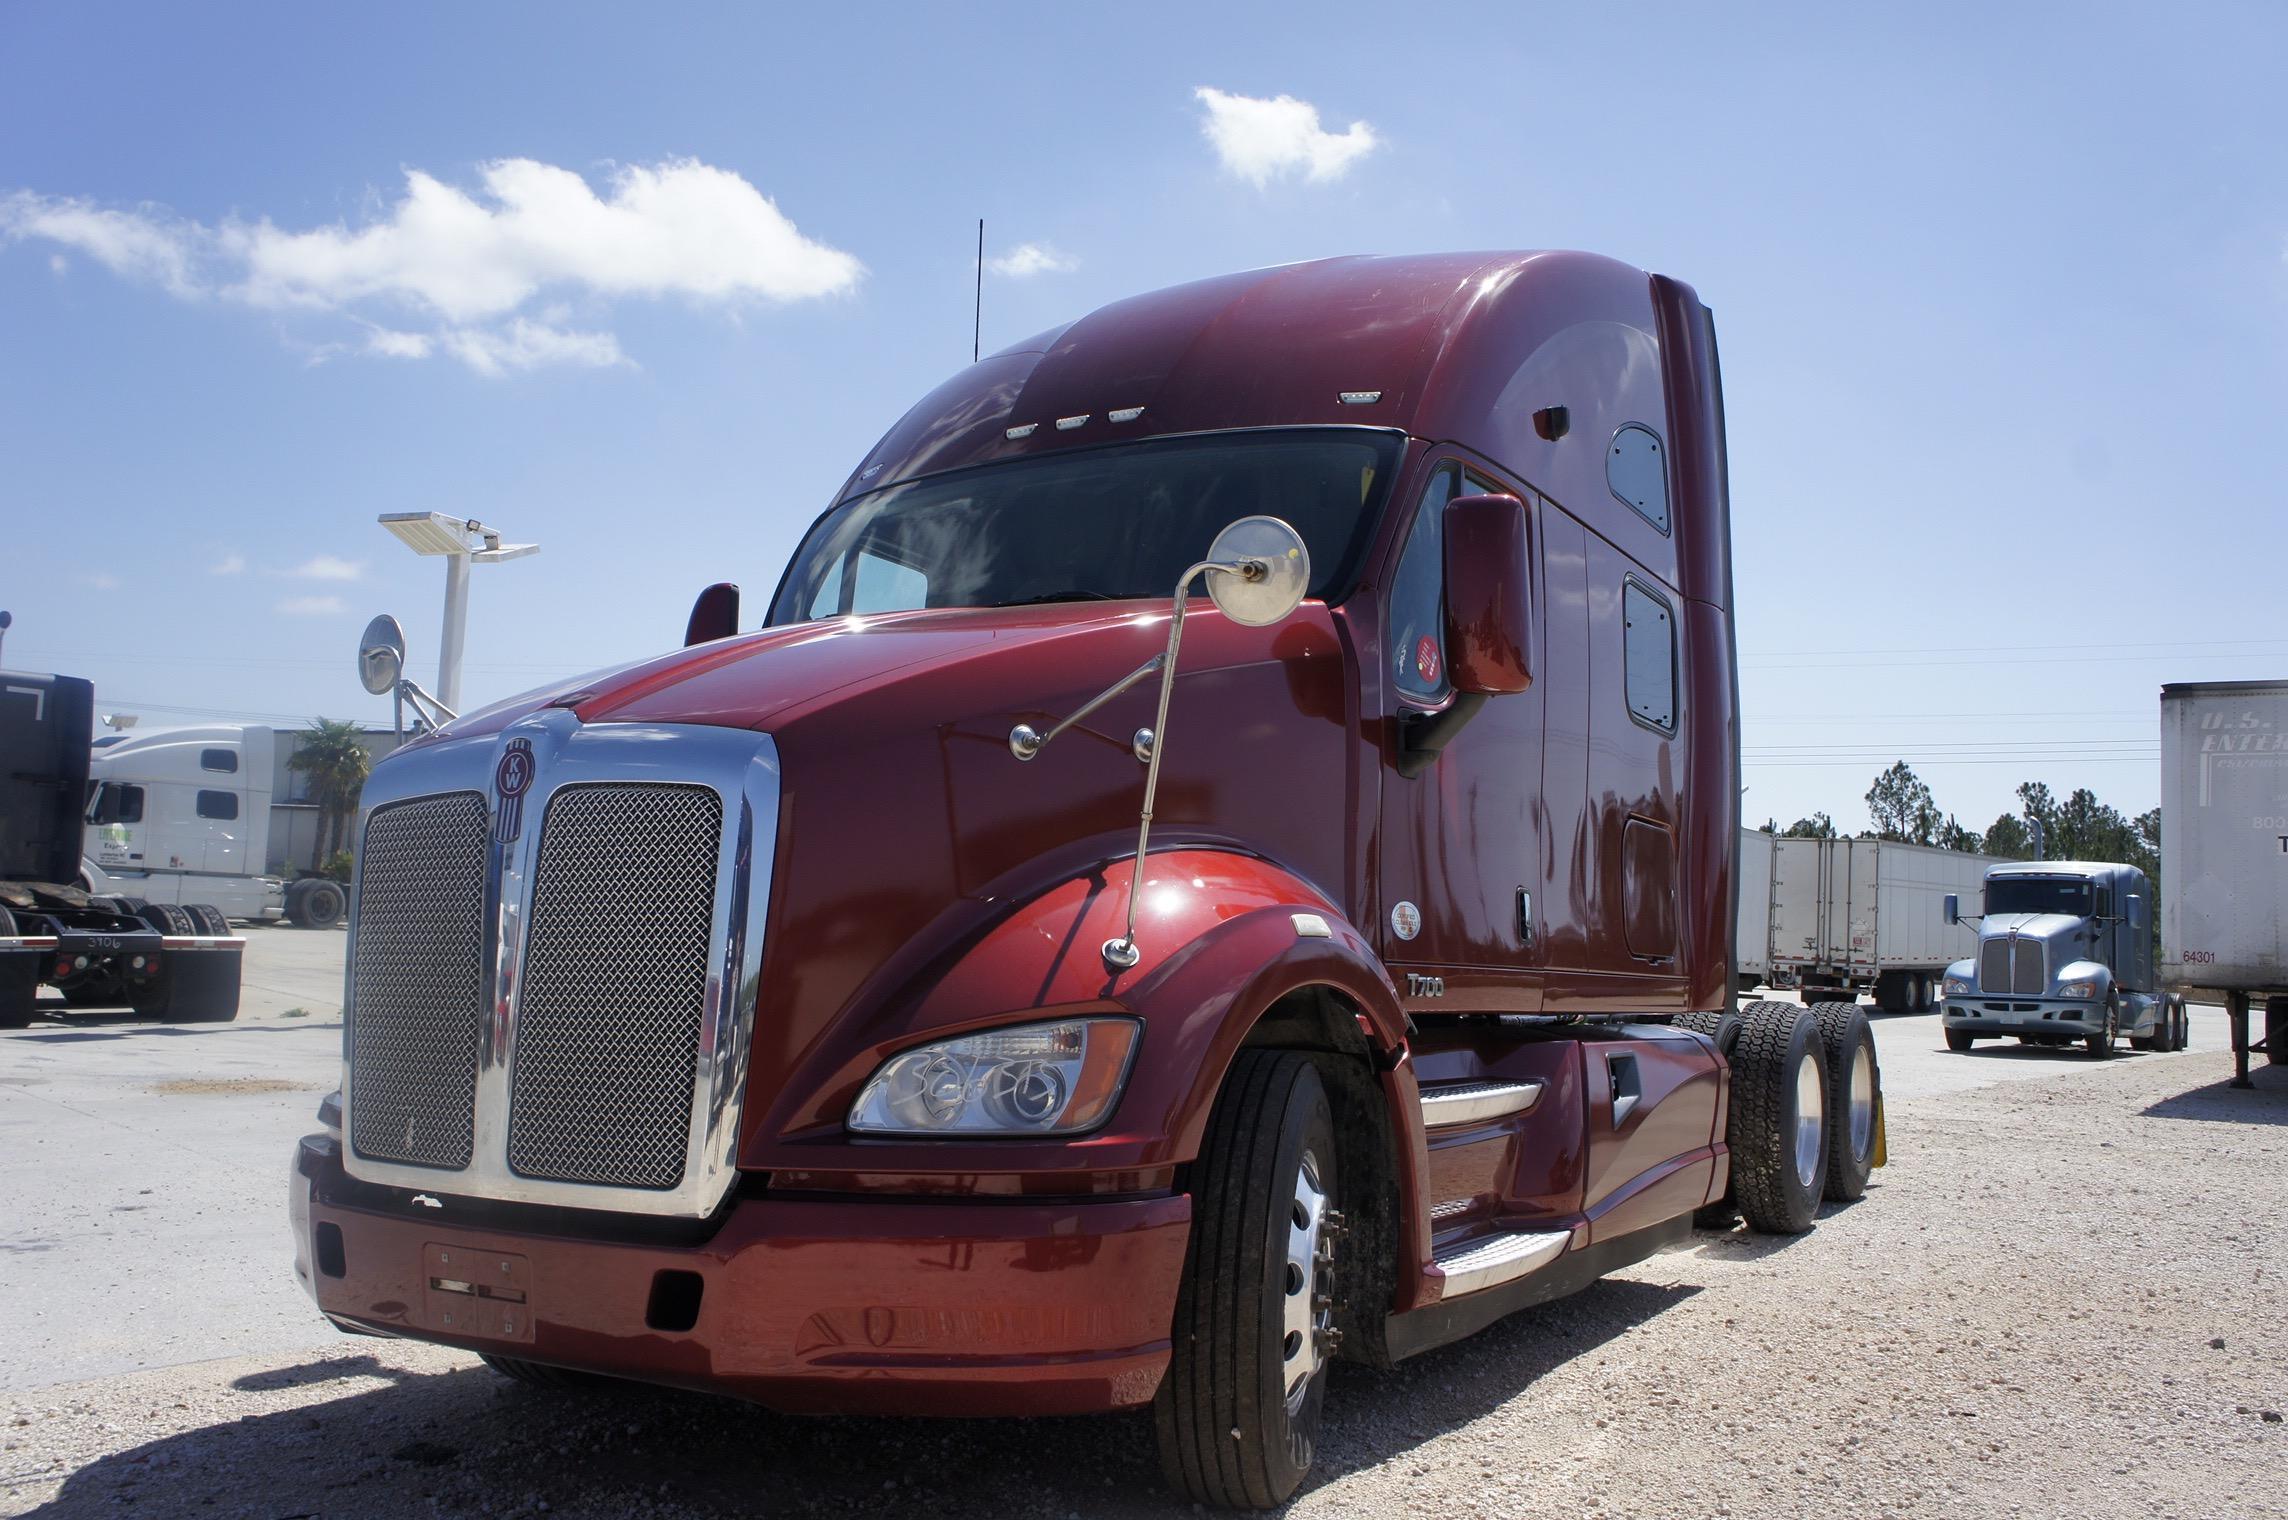 USED 2012 KENWORTH T700 SLEEPER TRUCK #99351